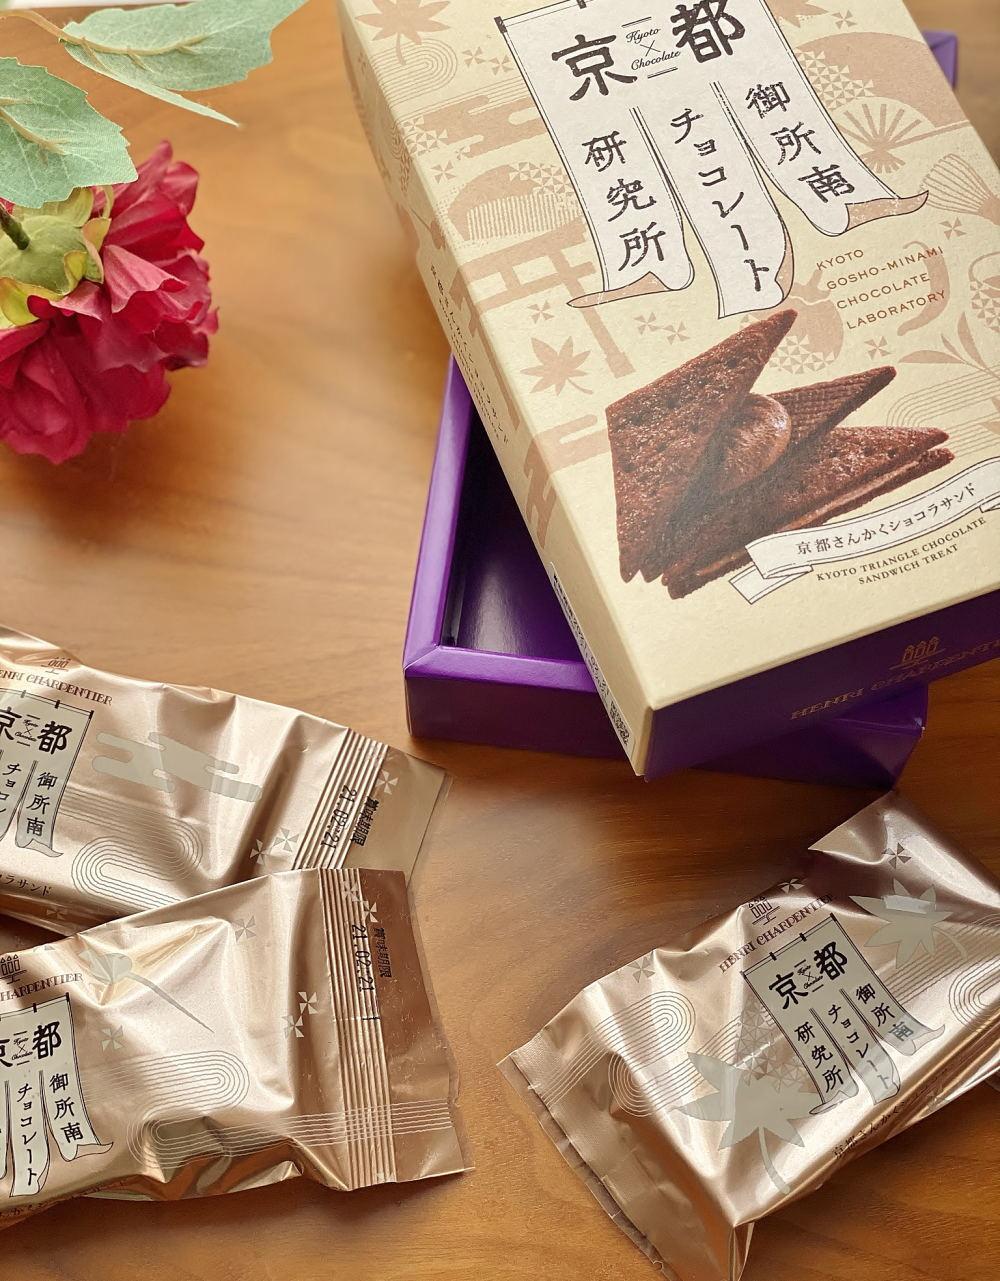 京都御所南チョコレート研究所